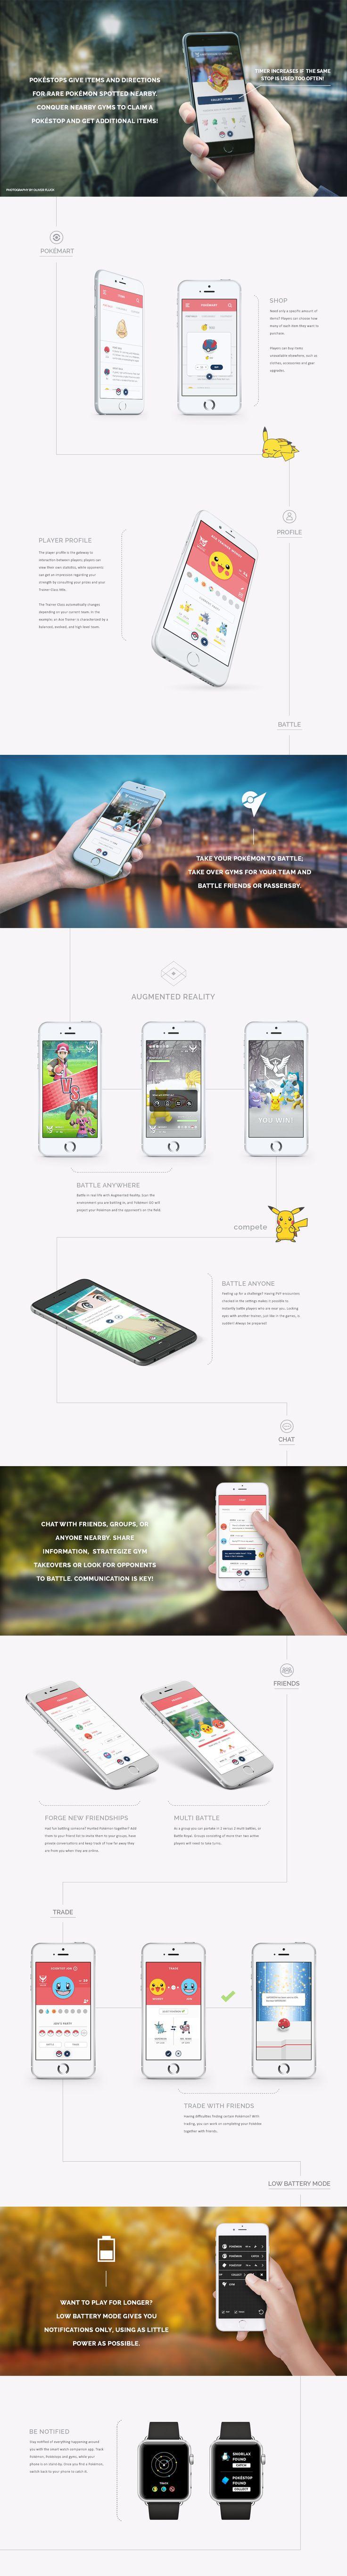 O que o design de interfaces poderia fazer por Pokémon GO?